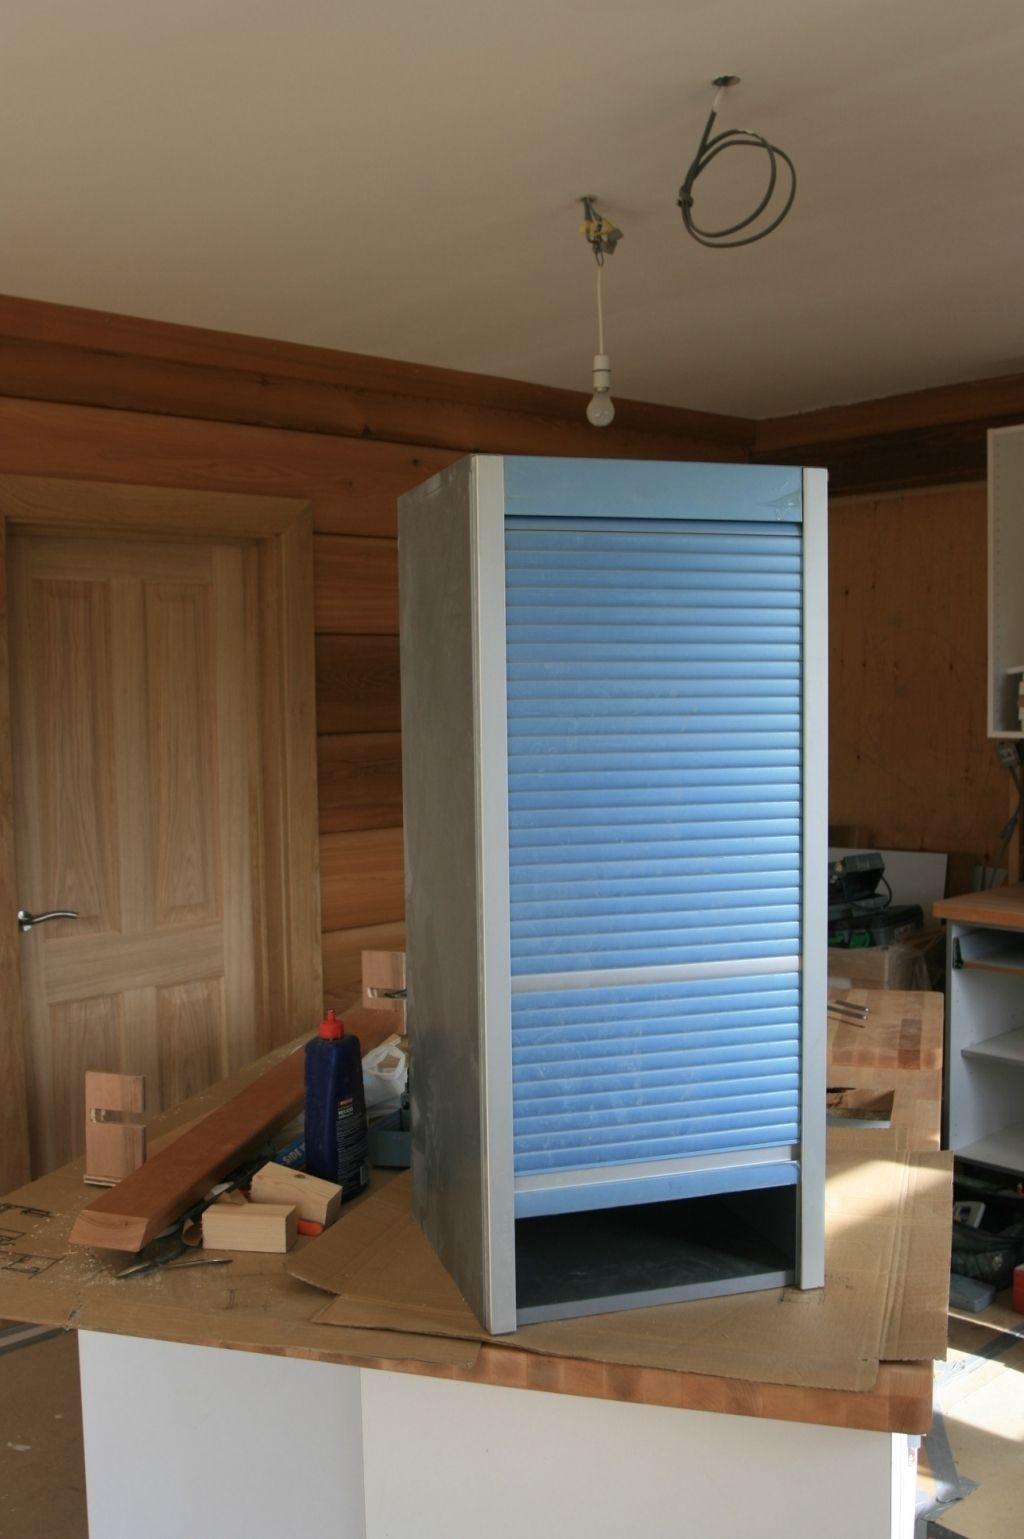 Kitchen Cabinet Roller Shutter Doors | http://advice-tips.com ...